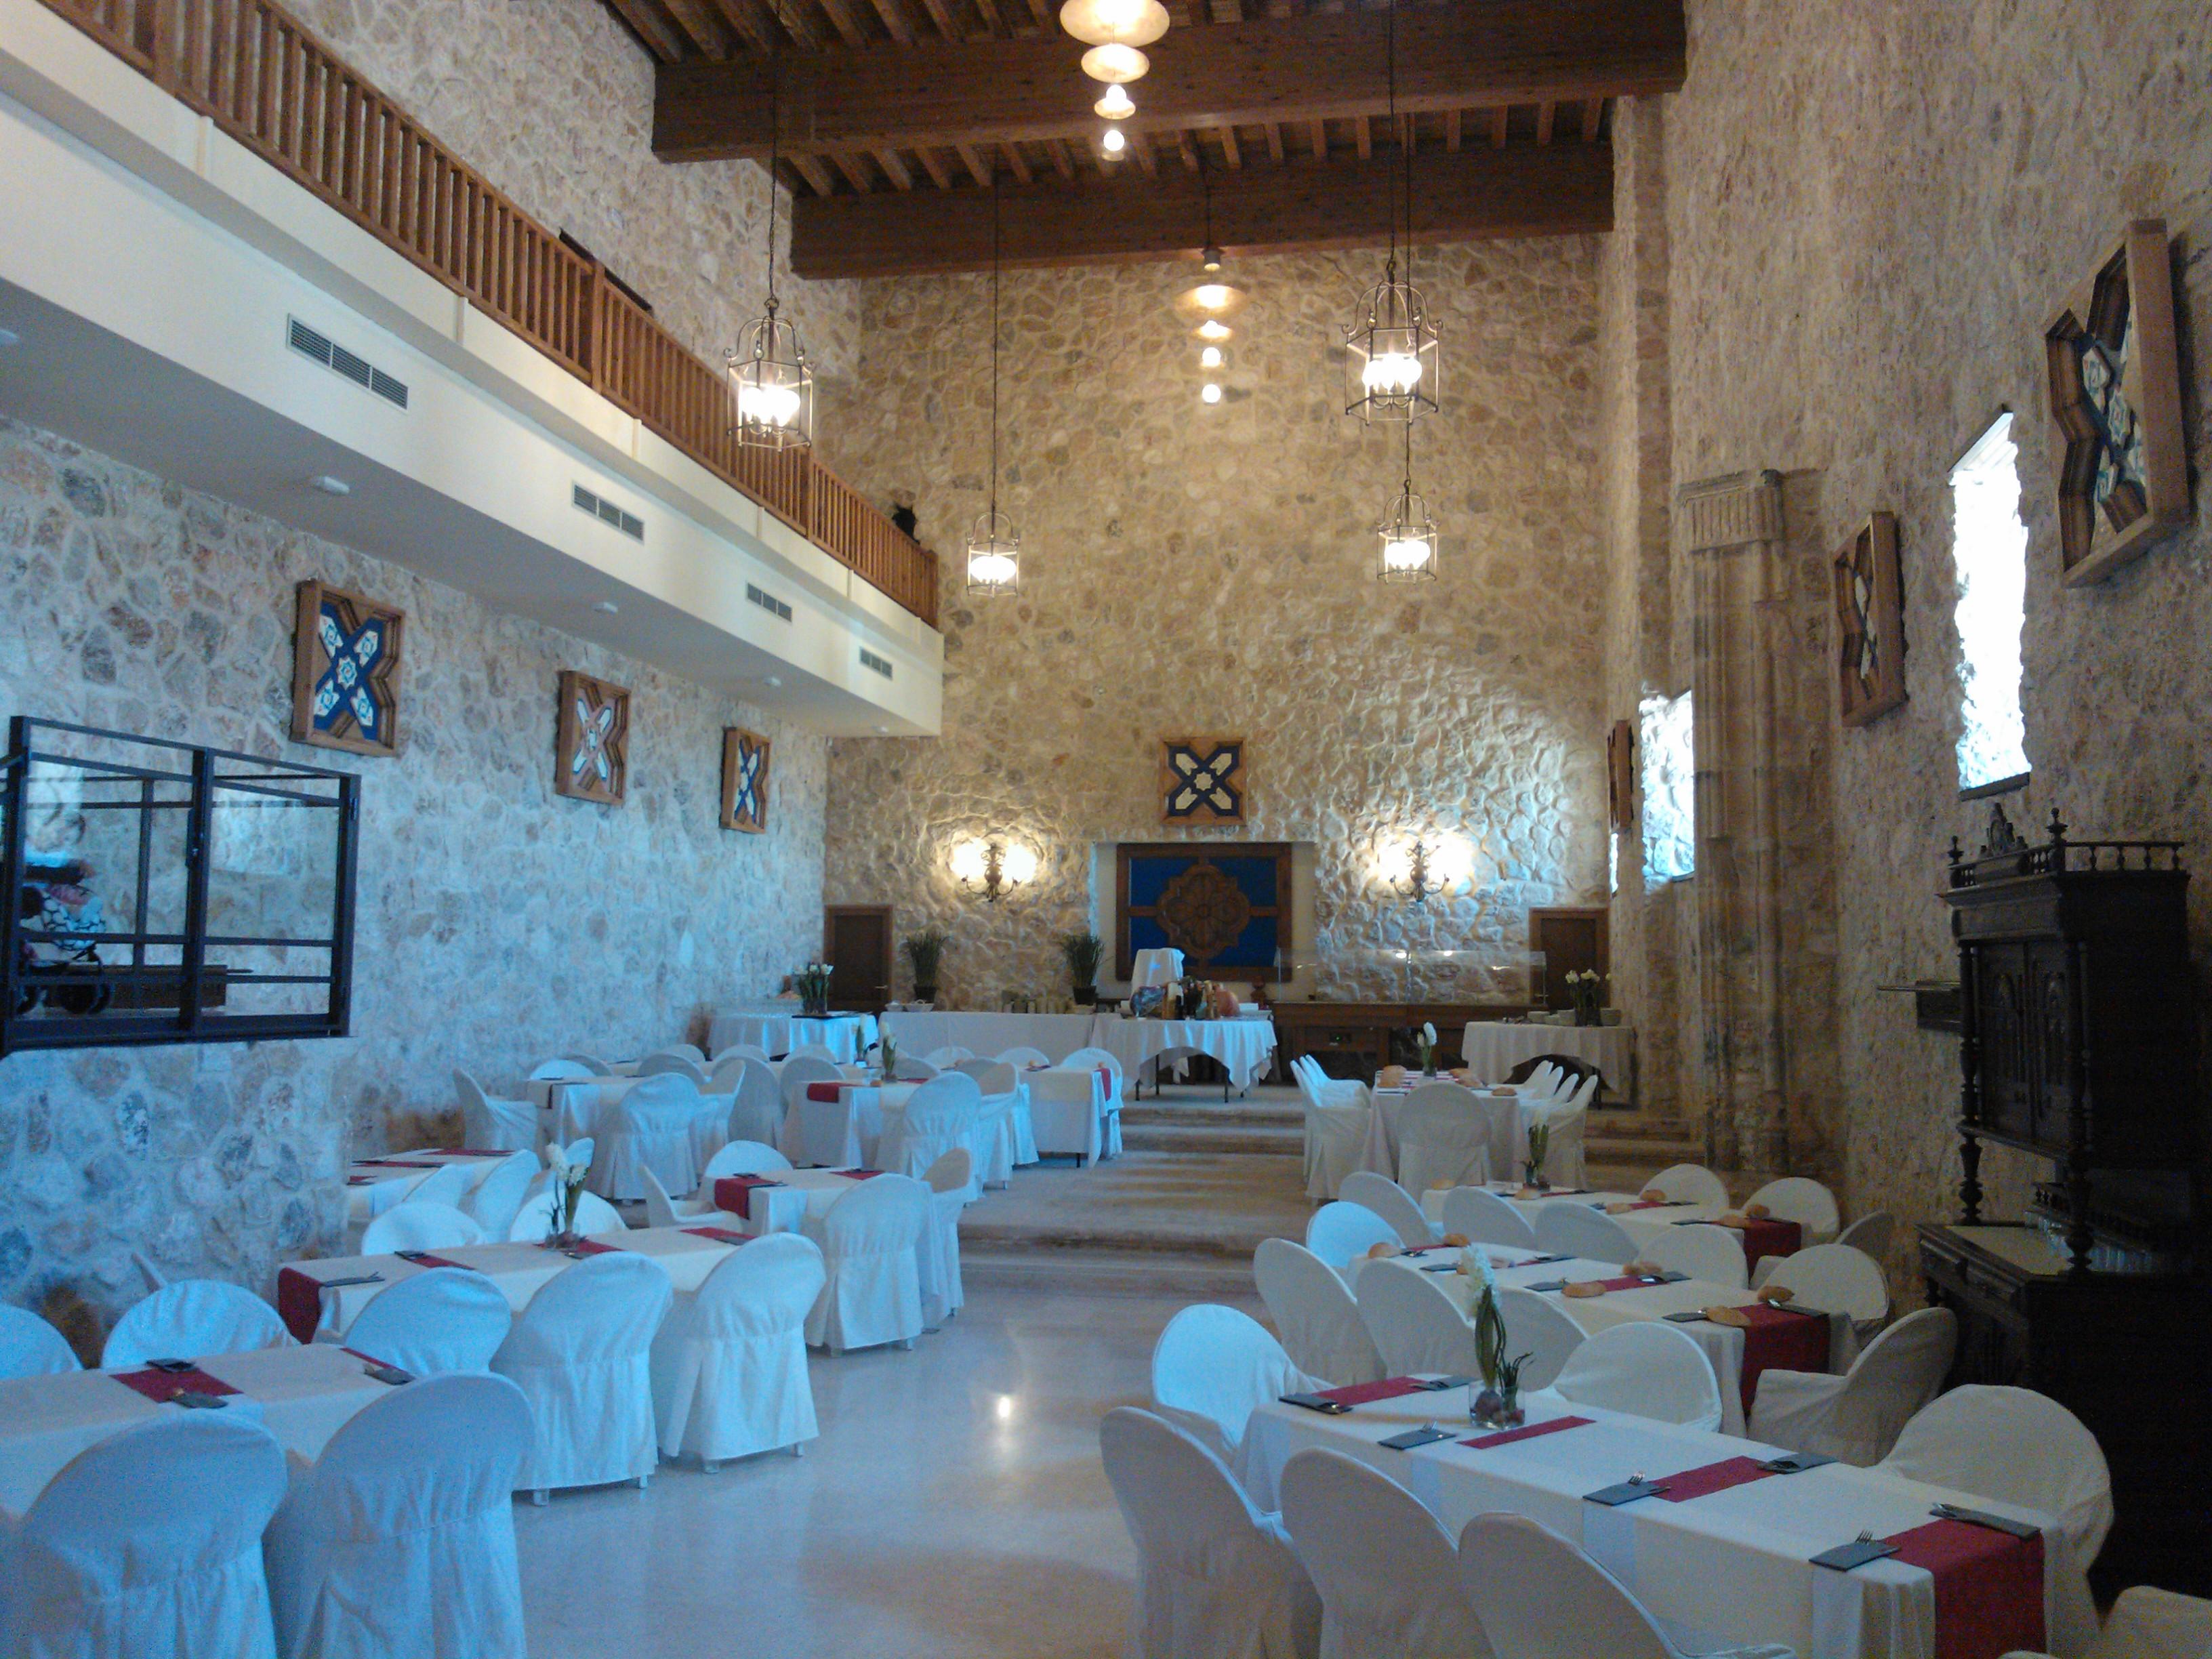 Hotel spa Infante don juan manuel belmonte cuenca decoración @RuarteContract